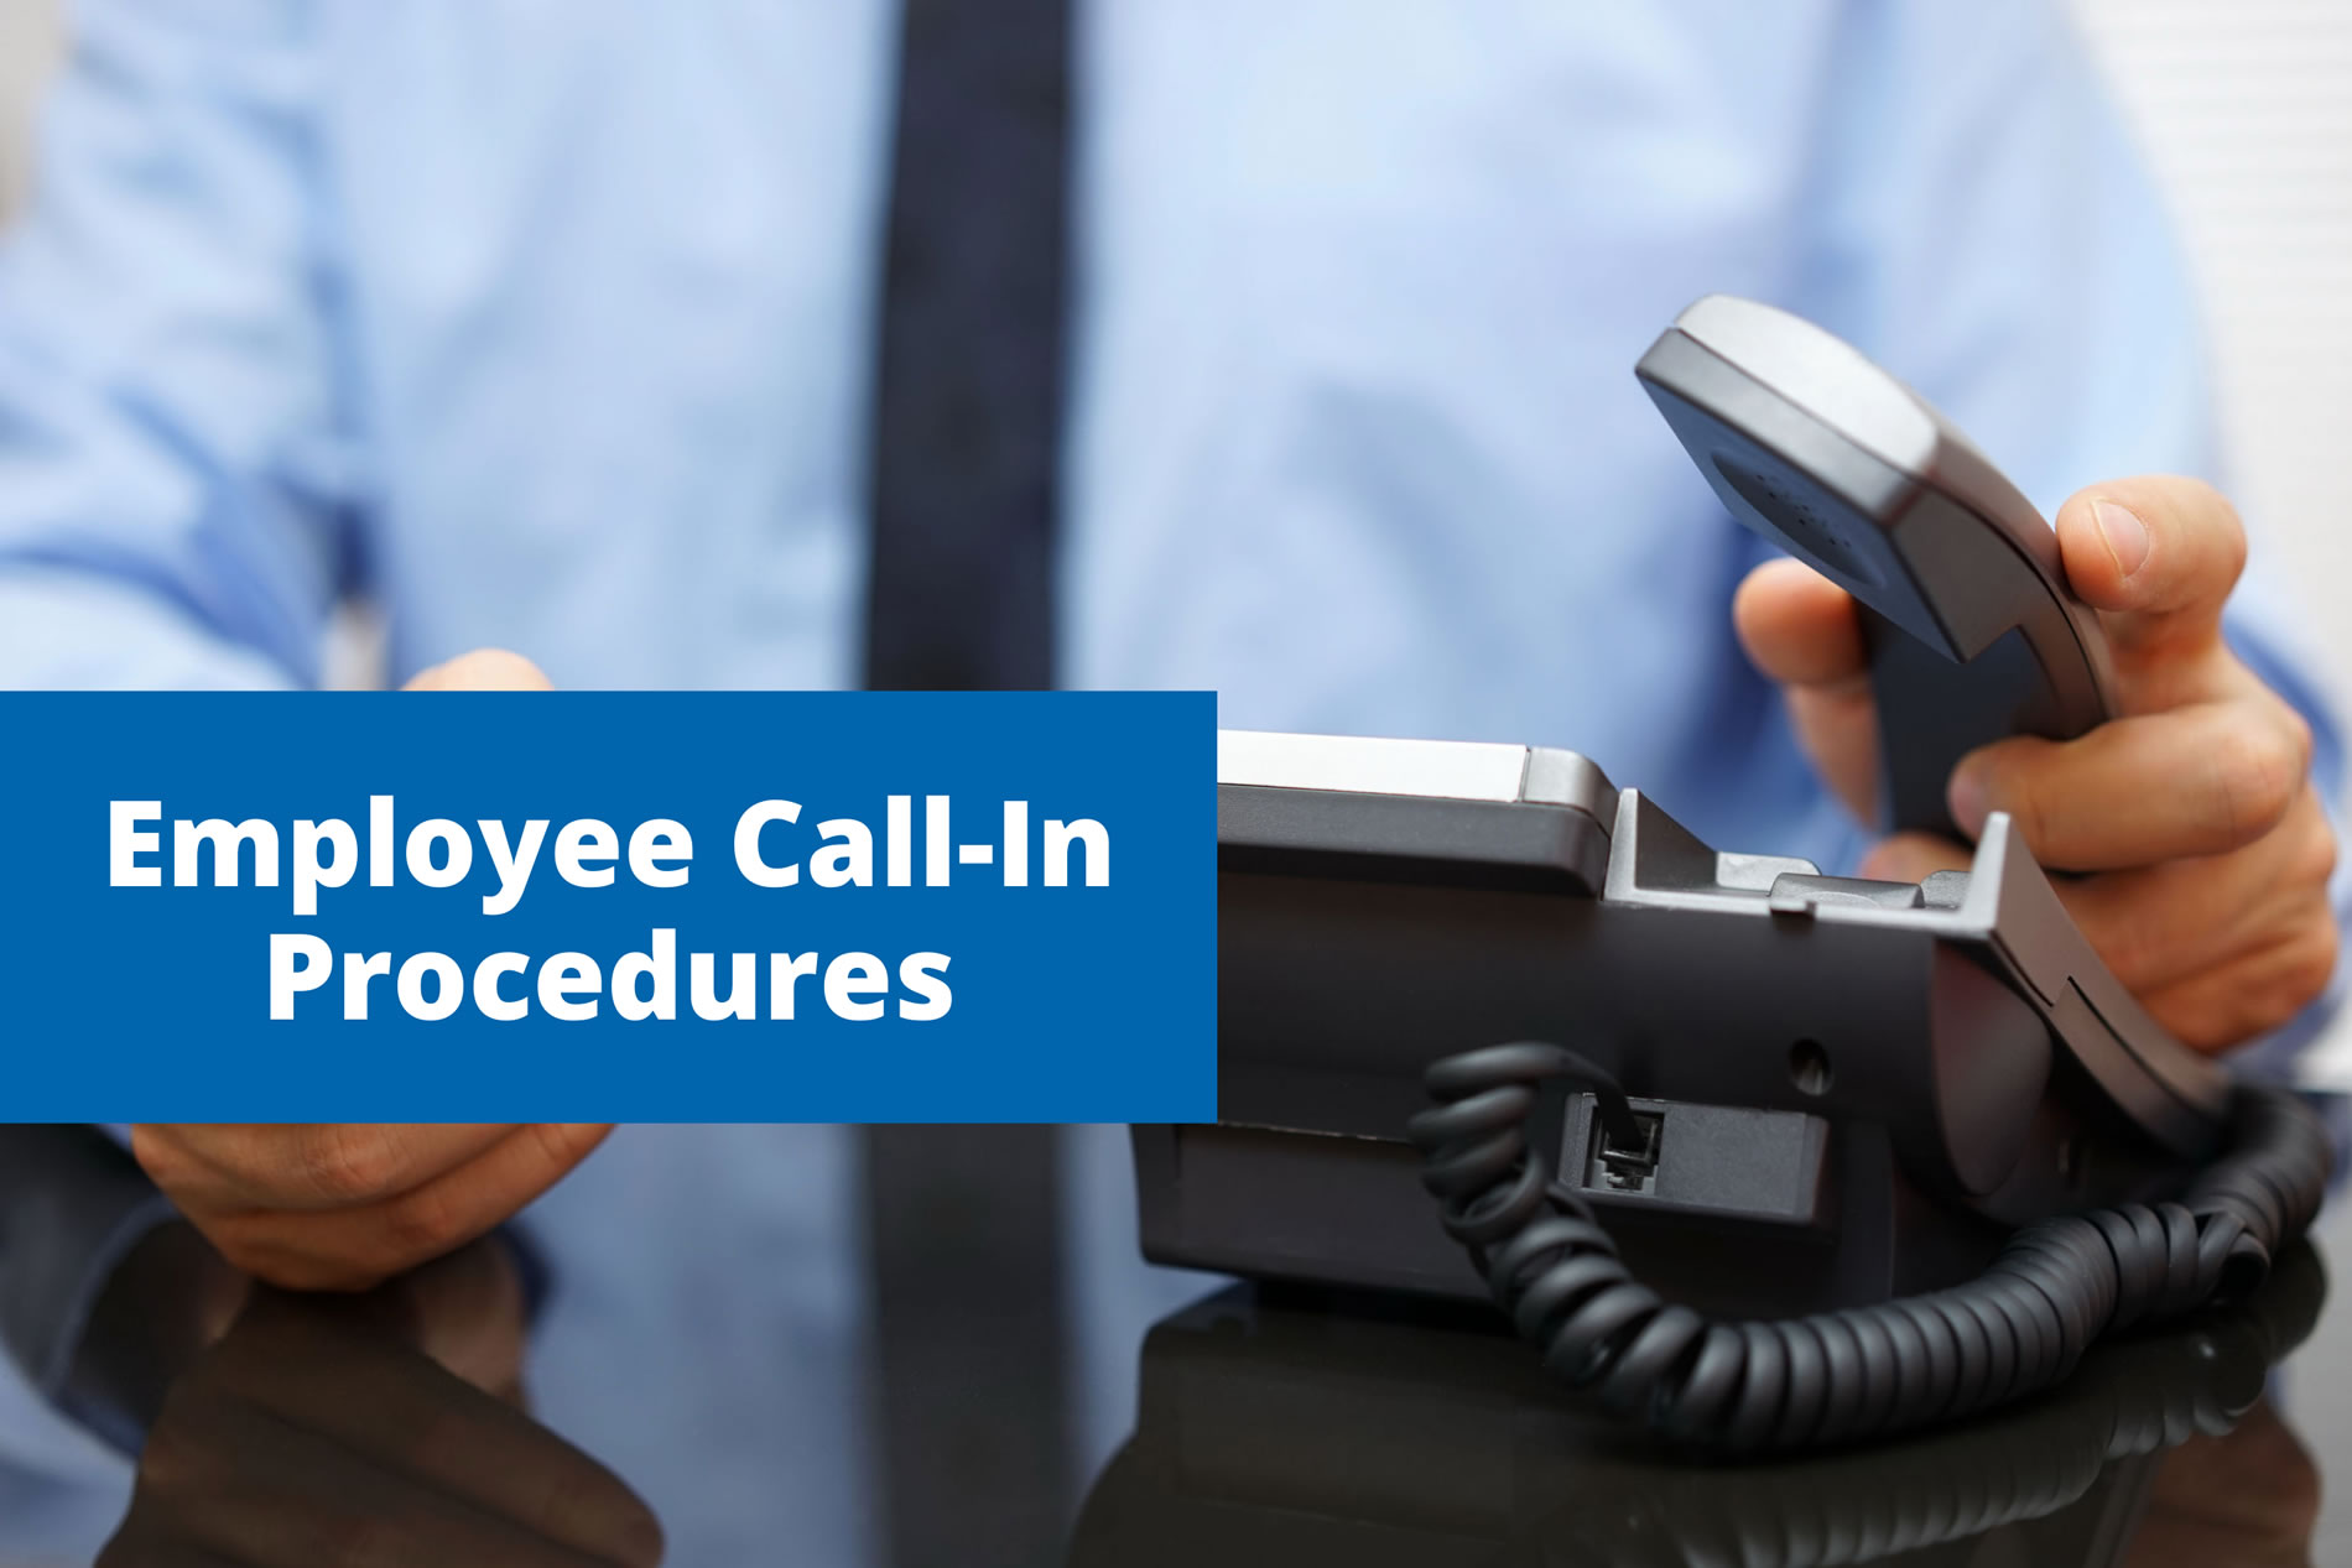 Employee Call-in Procedures